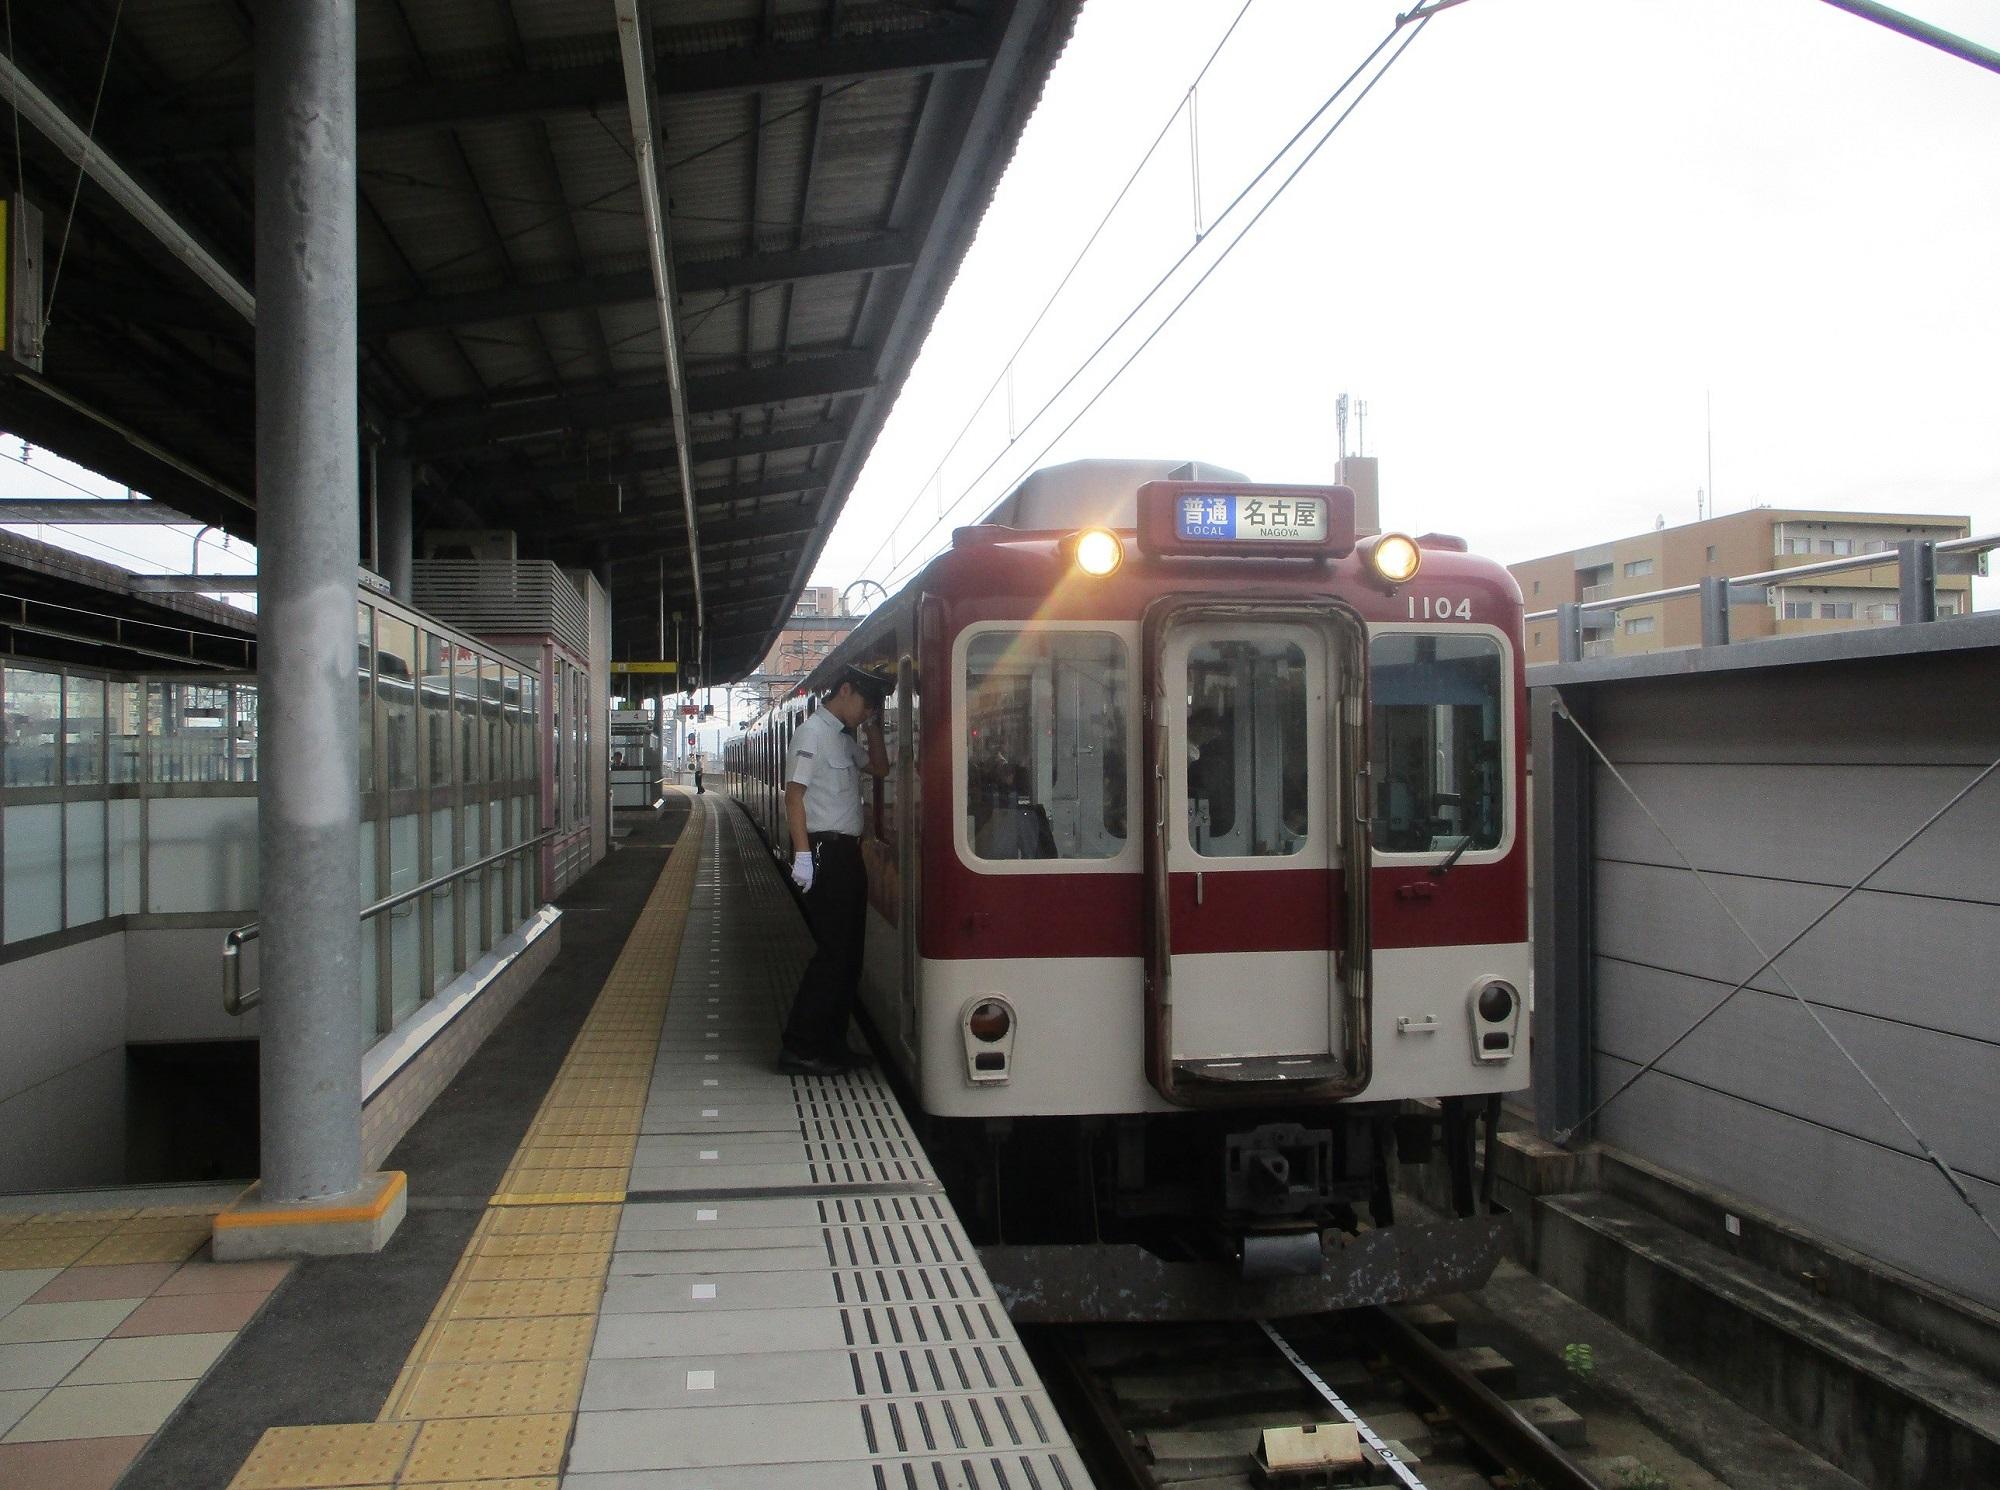 2019.9.18 (25) 八田 - 名古屋いきふつう 2000-1490